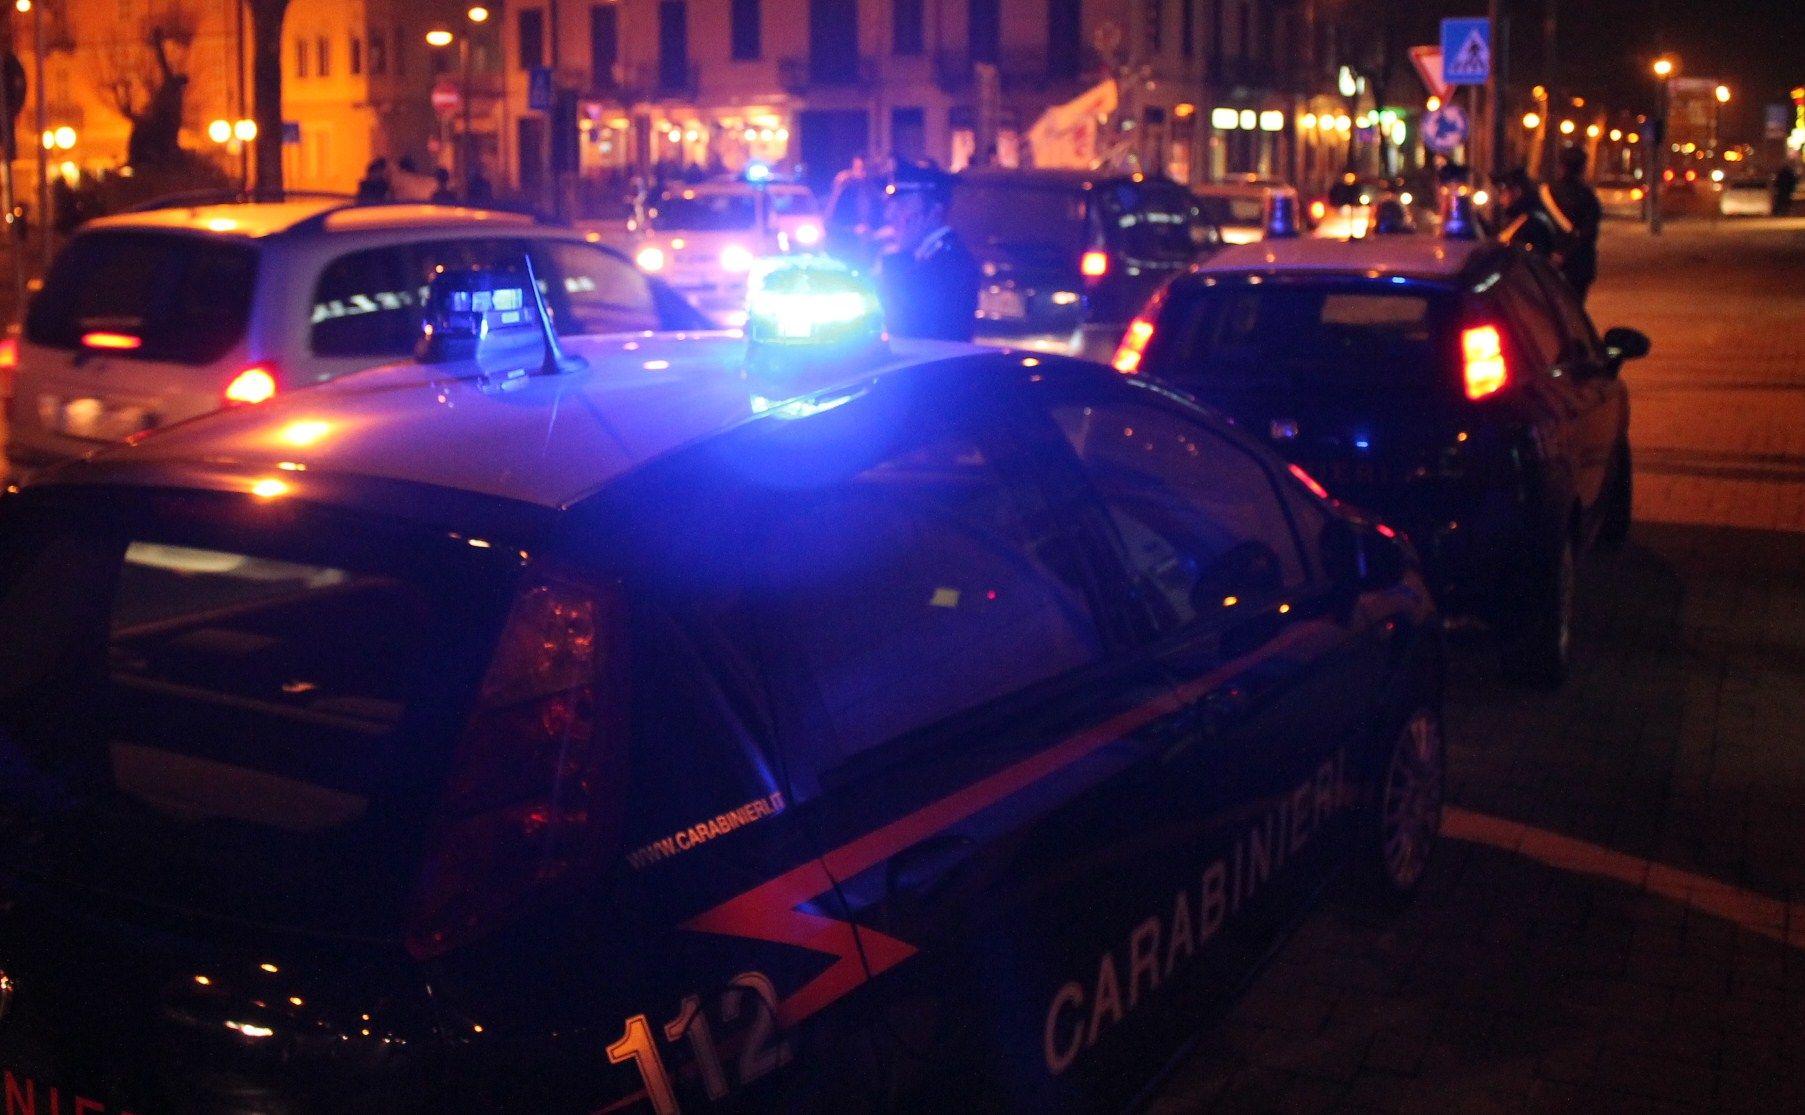 BORGARO - Troppa gente al veglione in hotel: arrivano i carabinieri